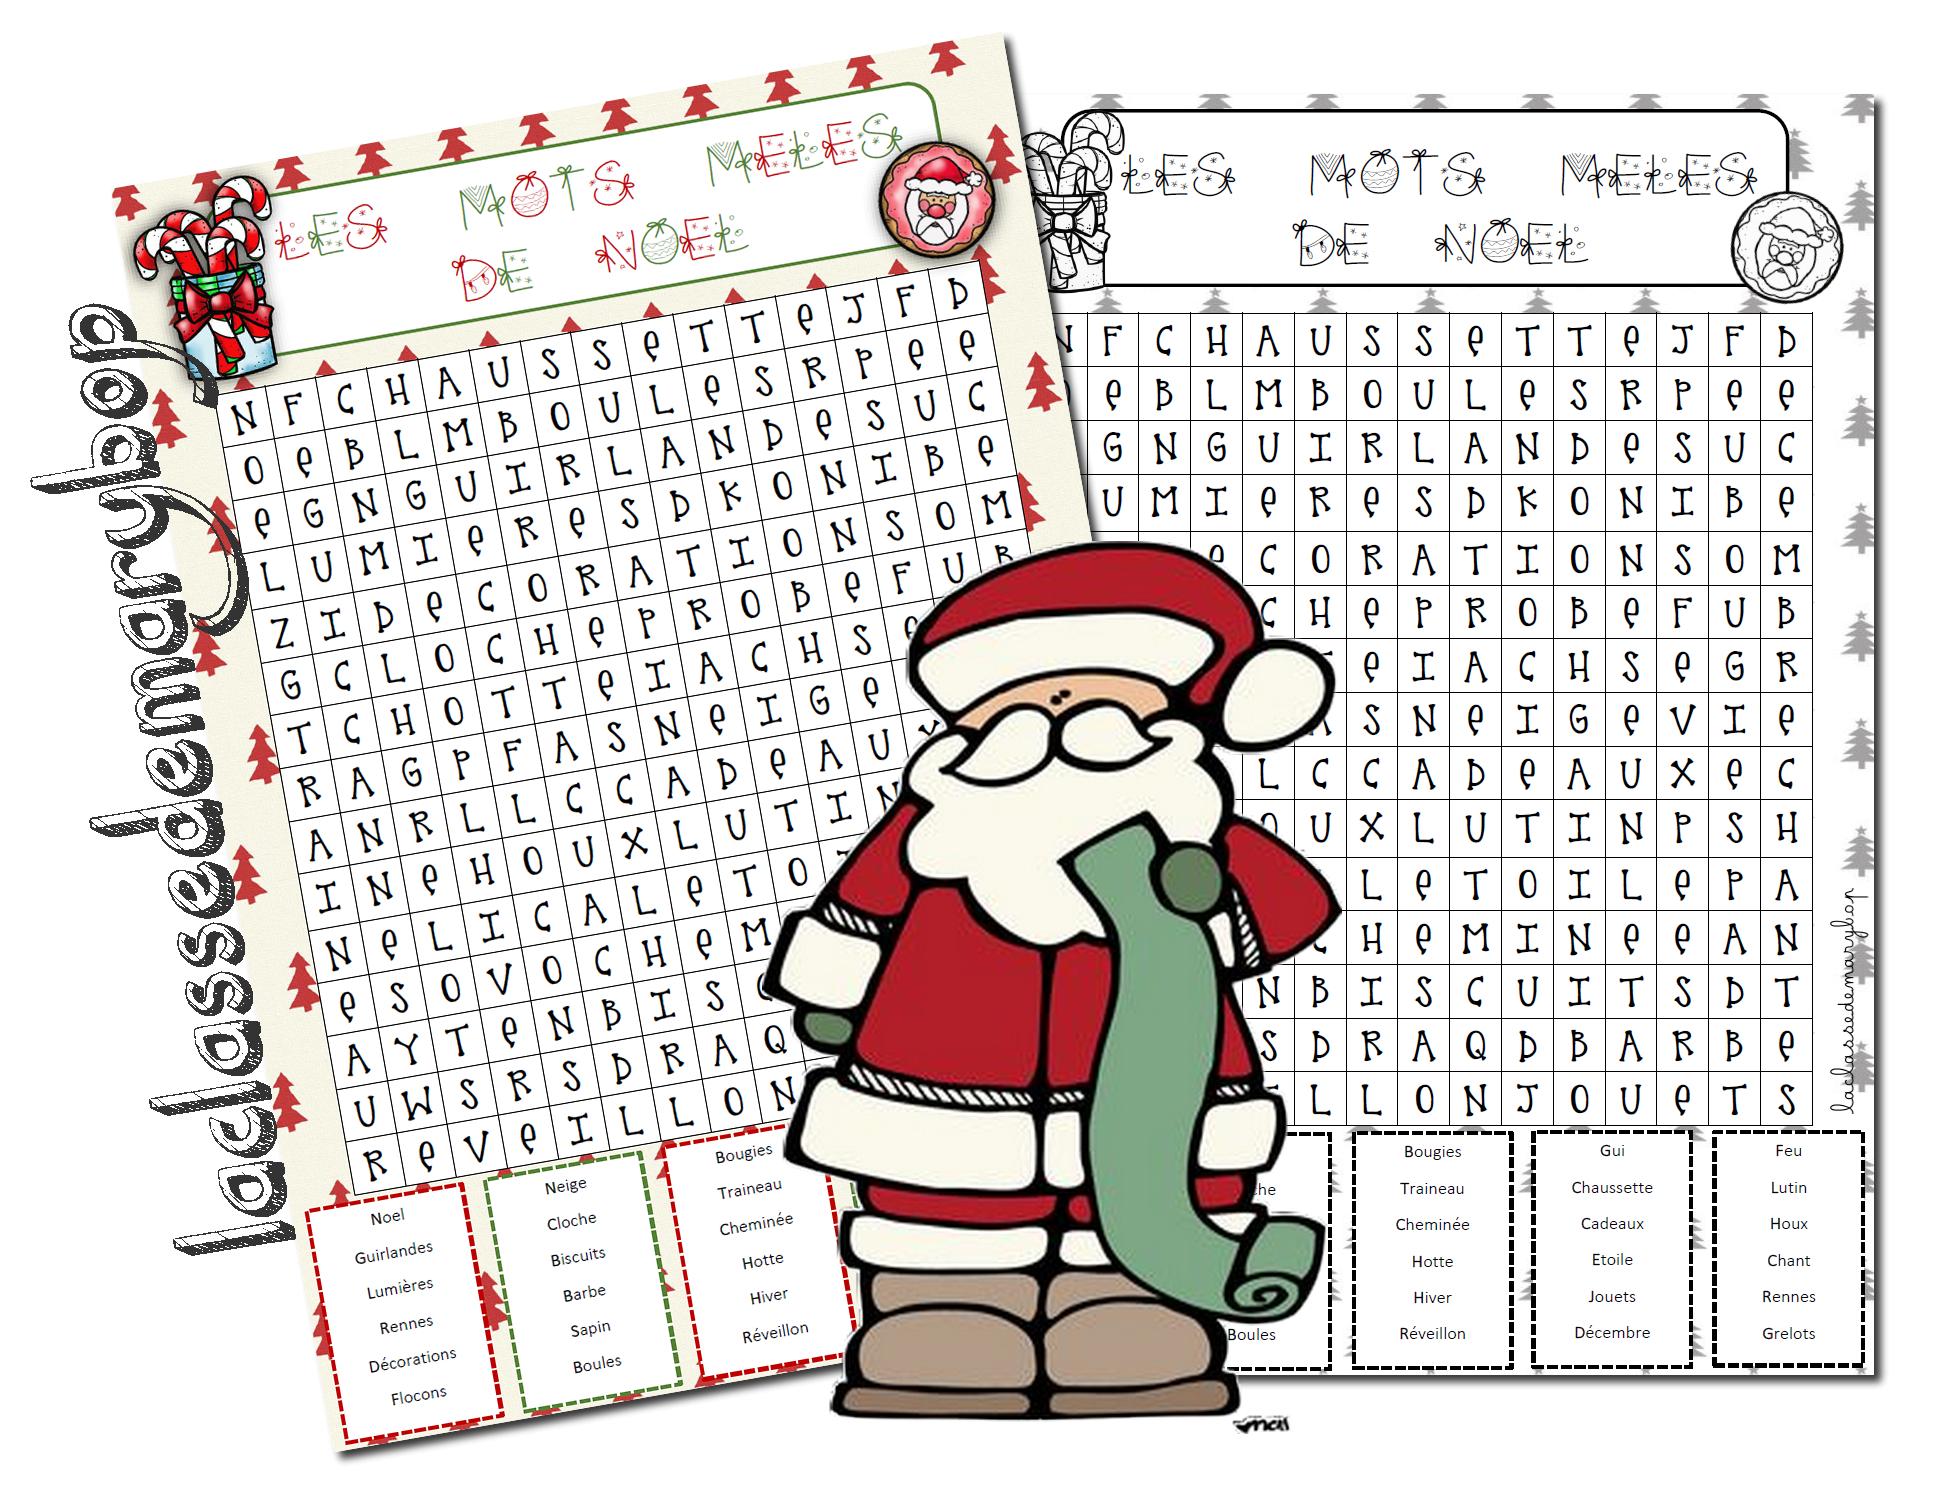 Mots Mêlés De Noel Cycle 3 - La Classe De Marybop encequiconcerne Mots Fleches Cm1 Imprimer